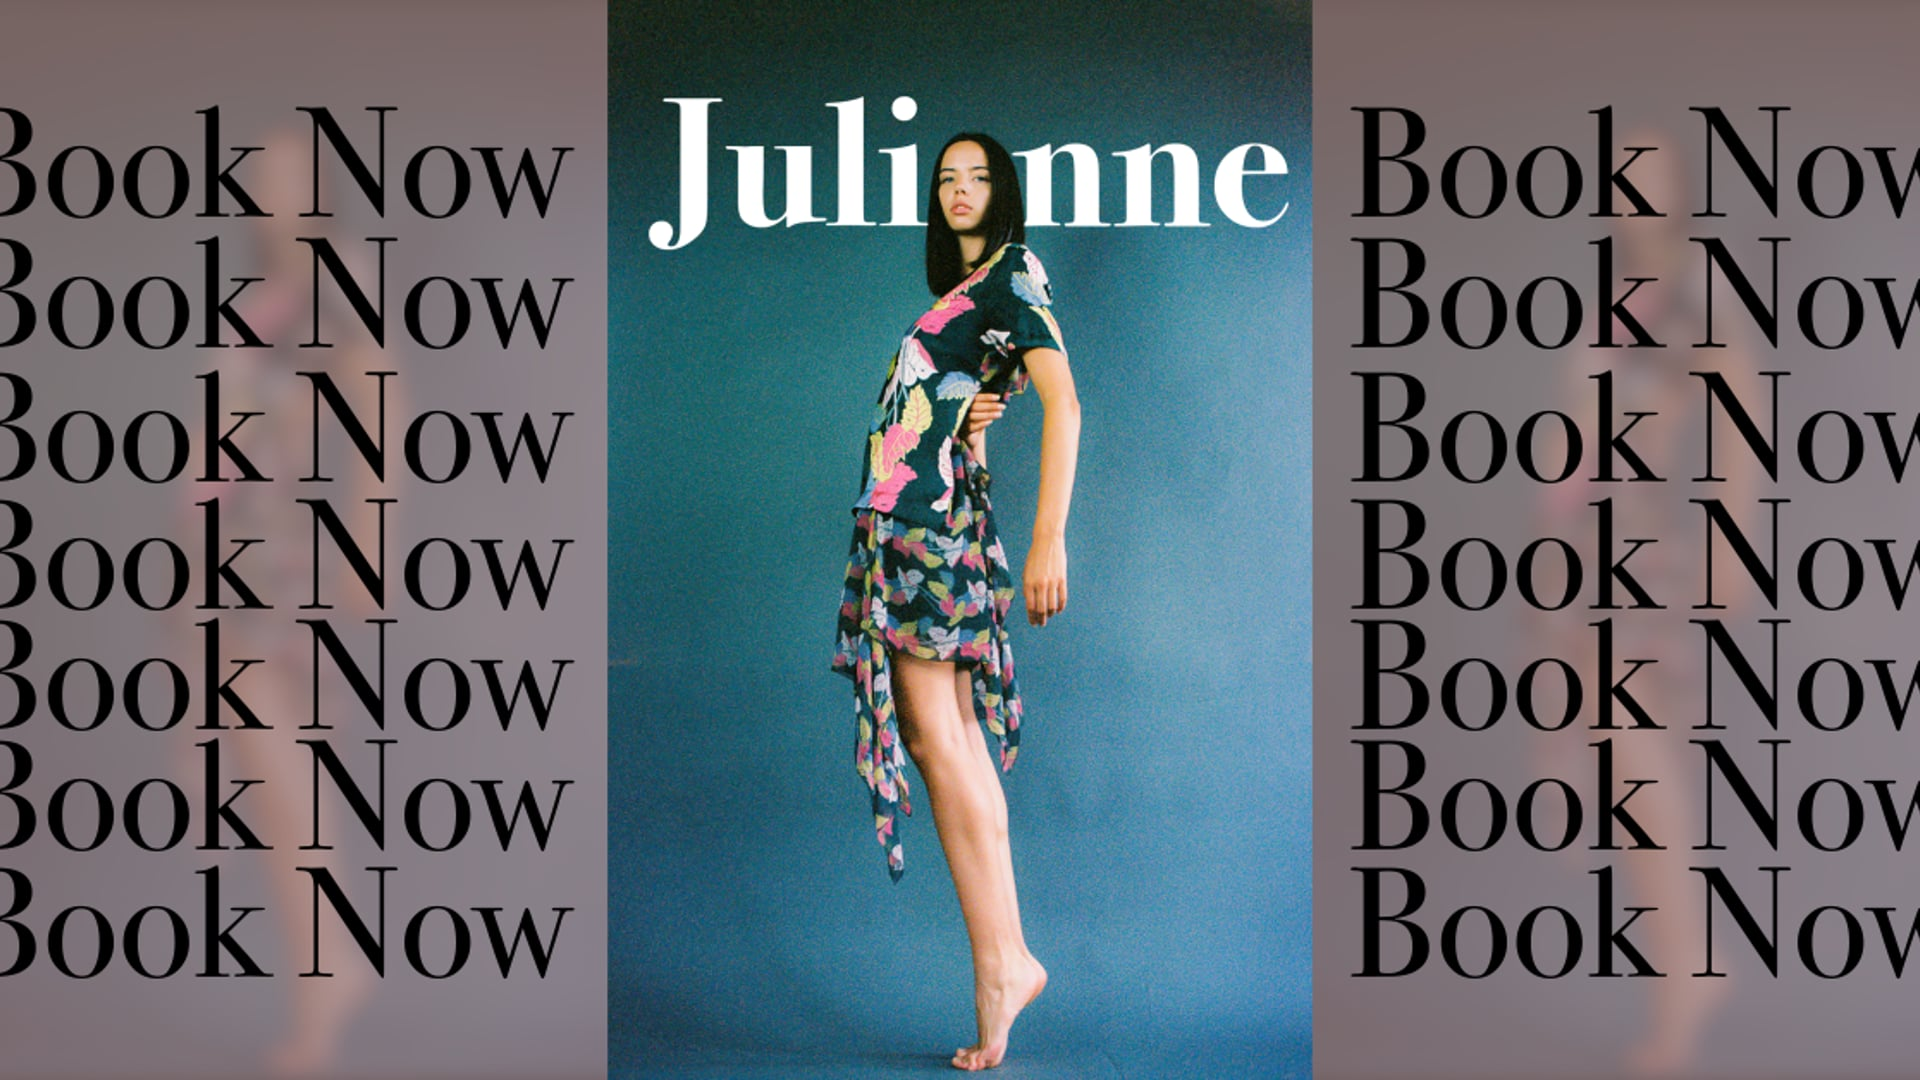 Julianne Boutique - Social Ad